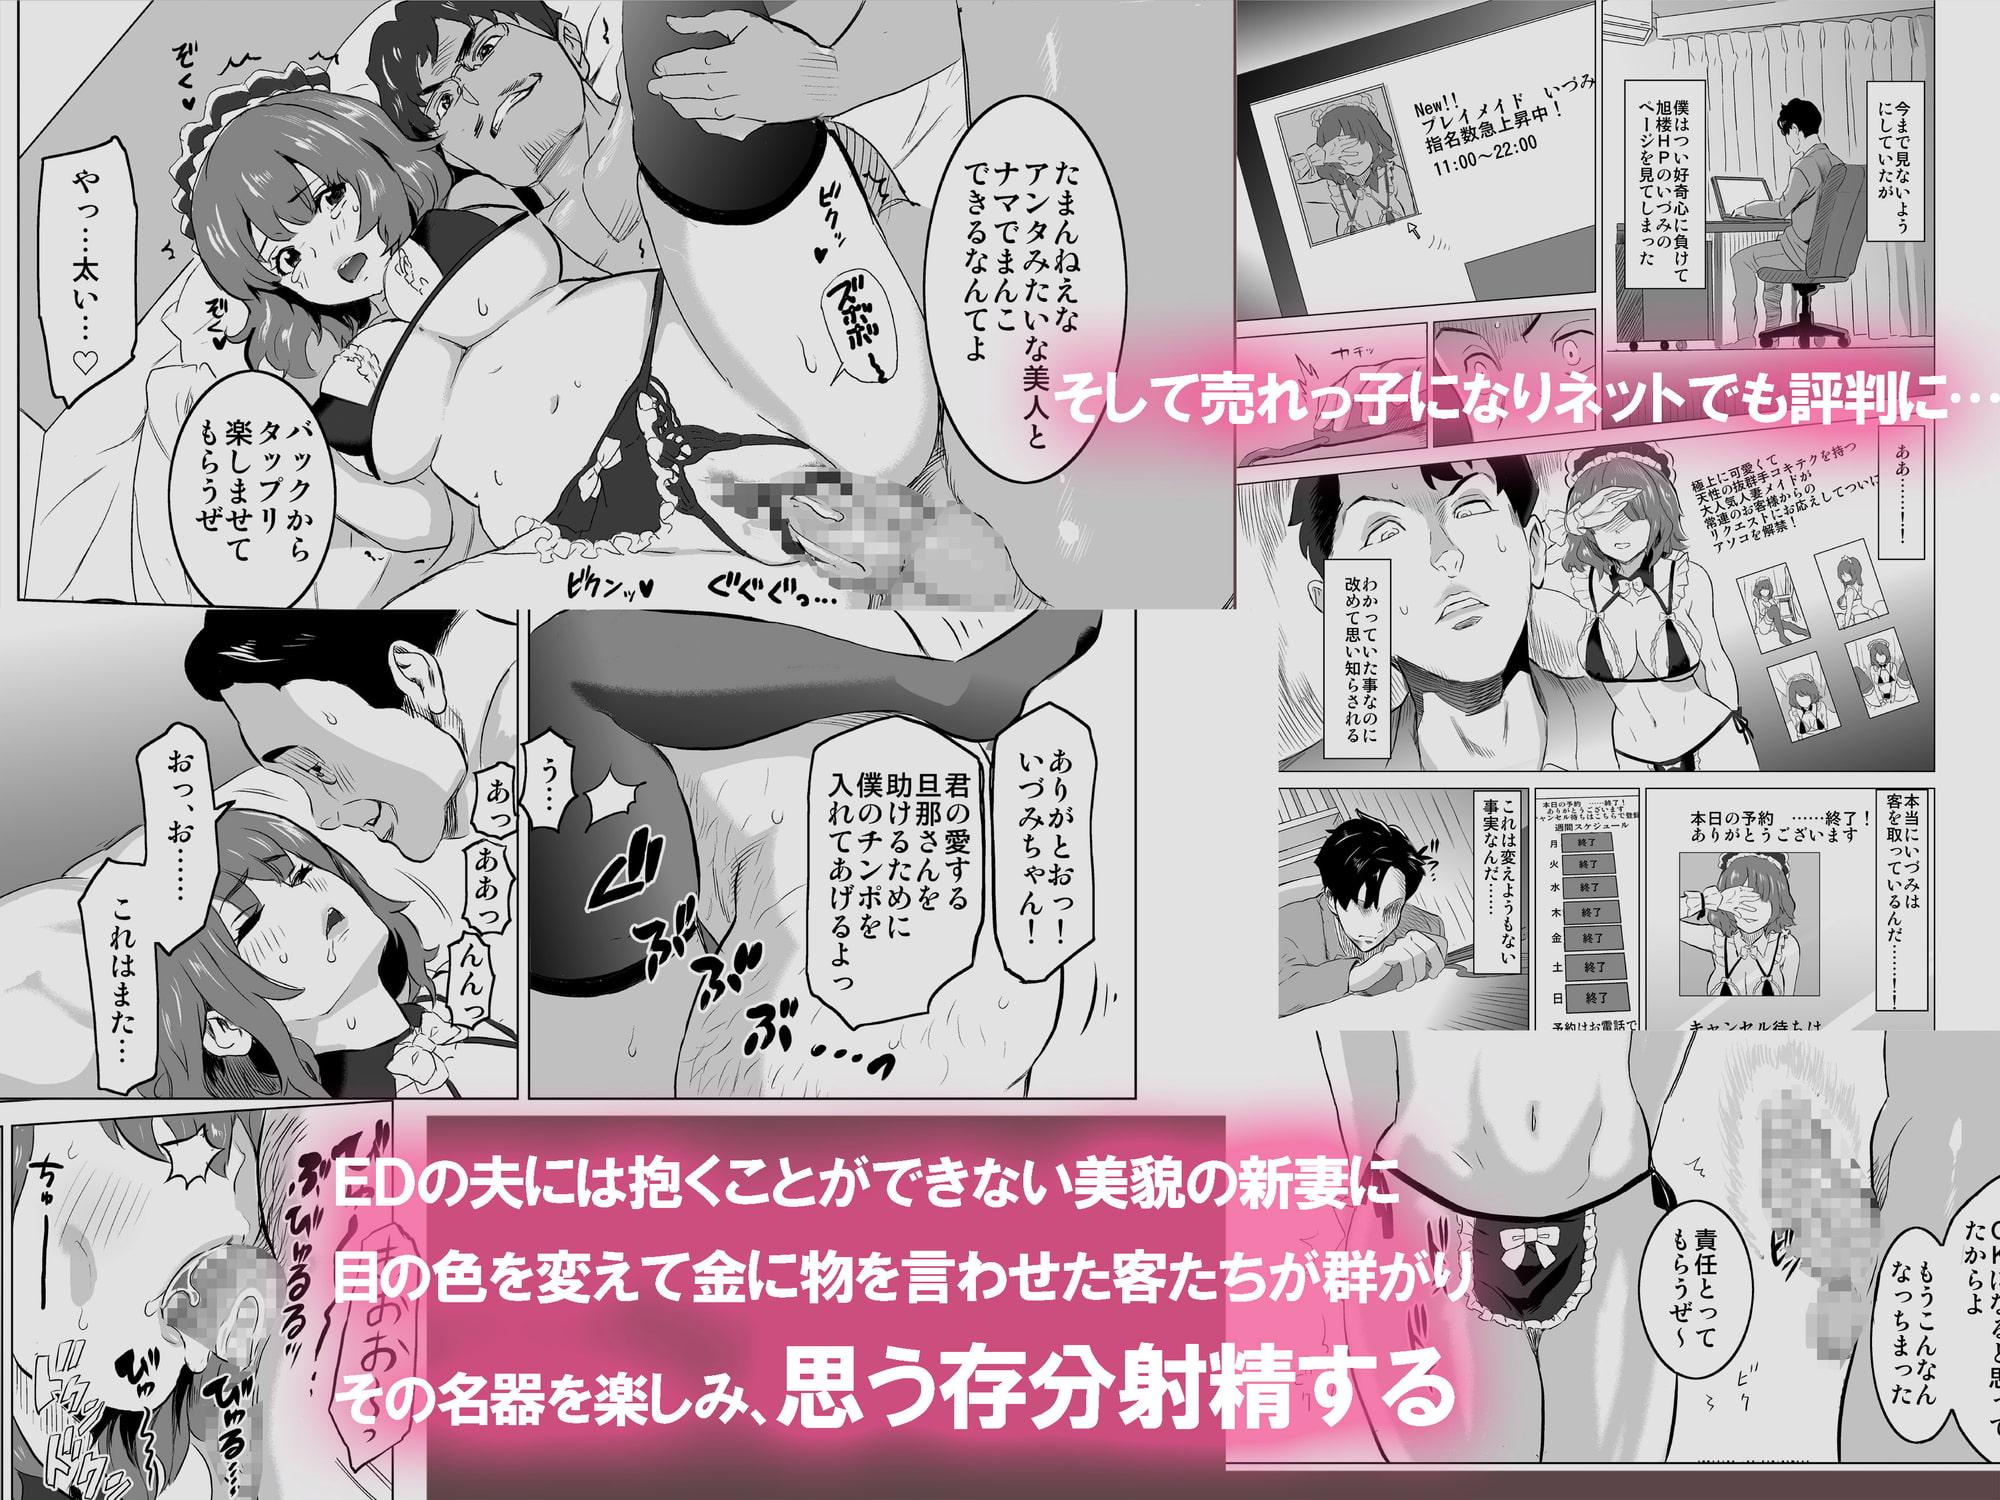 【試読版】娼婦になった妻が絶頂ベロキス生中出しされた日